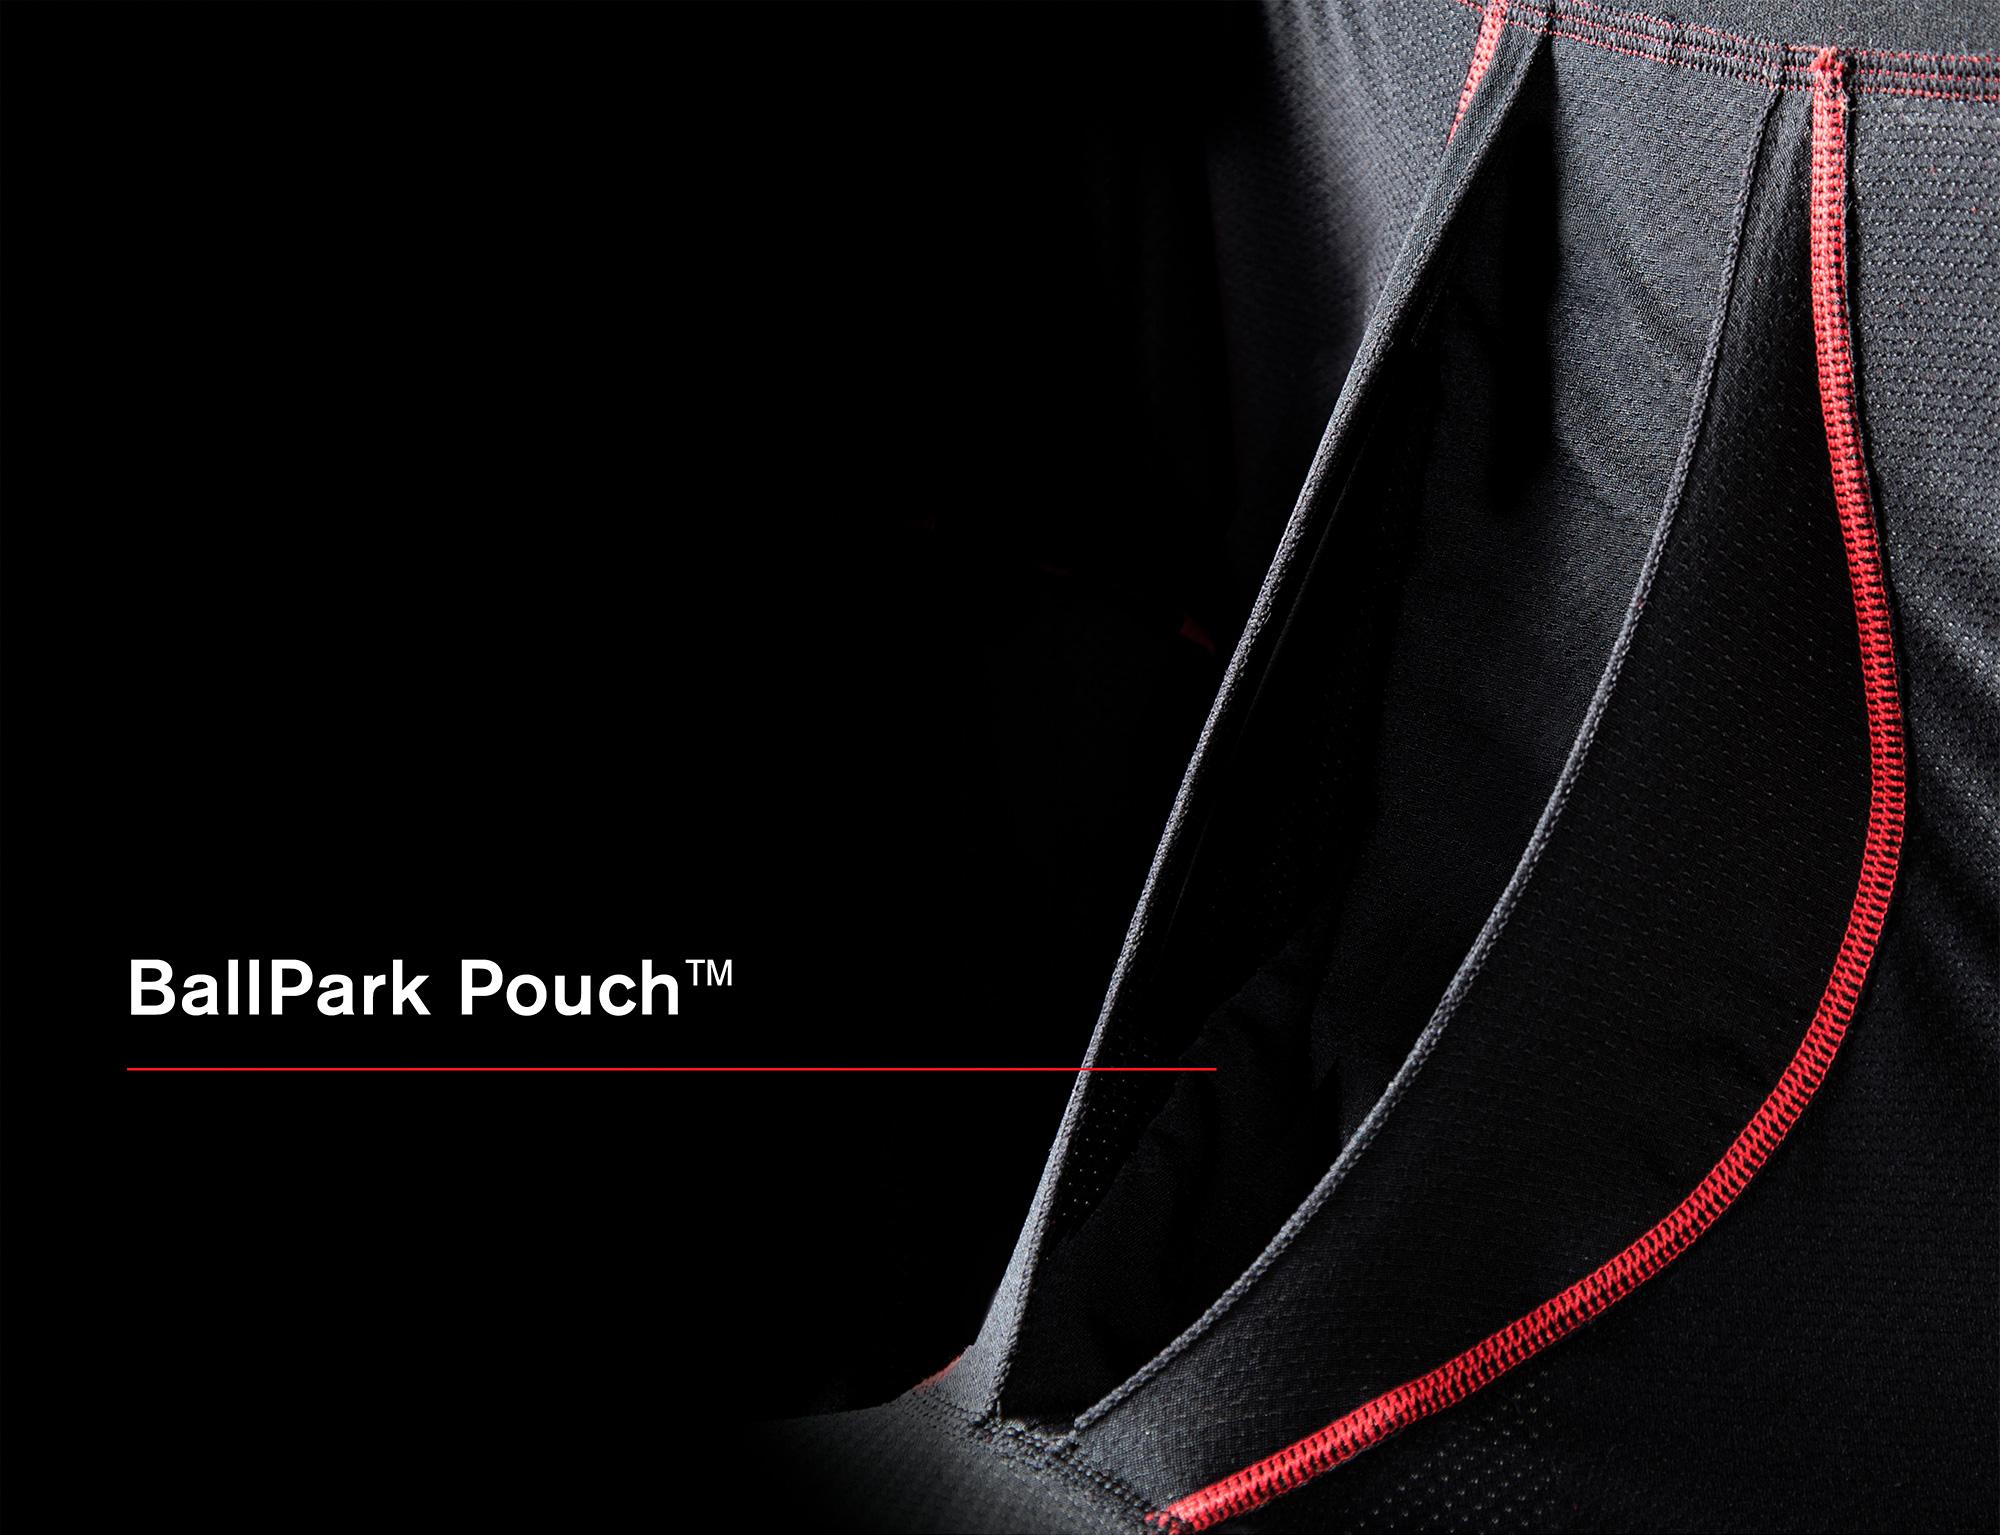 ballpark pouch